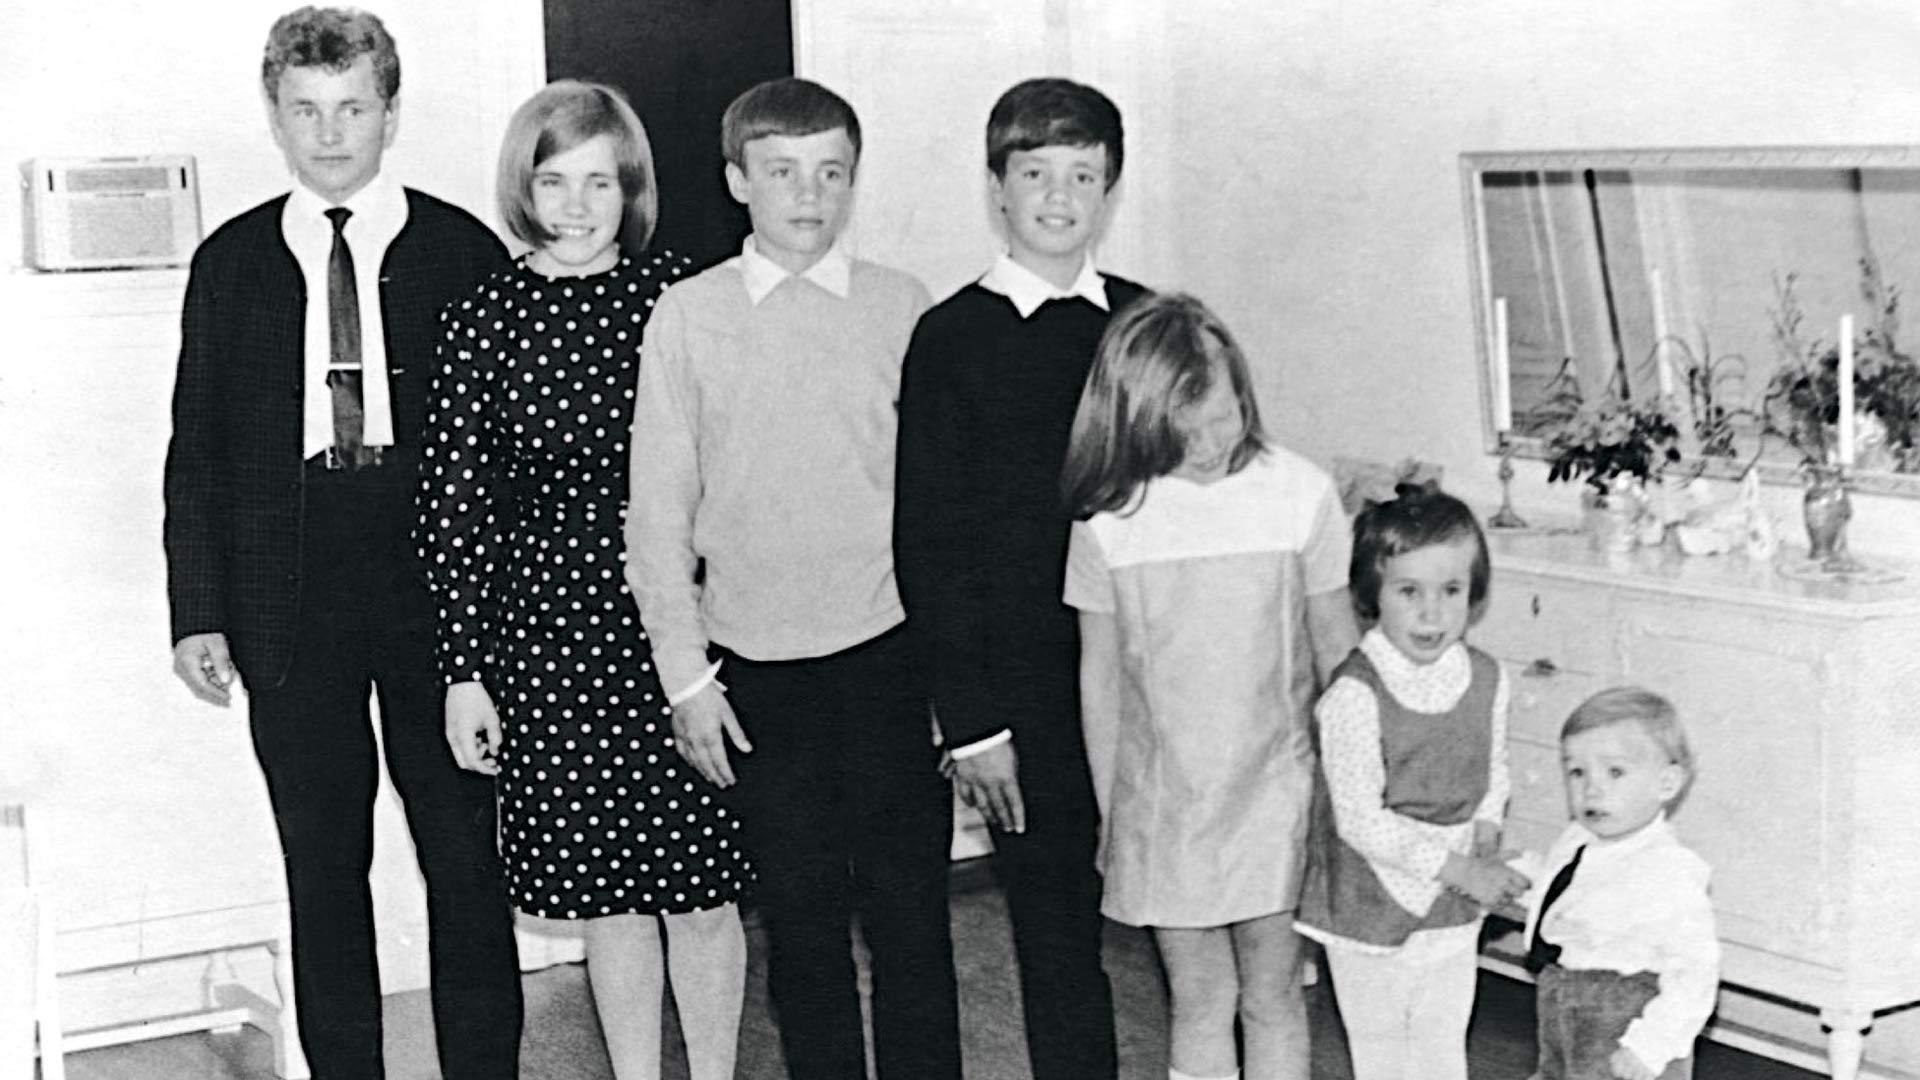 Stefan on kuvassa vasemmalta kolmantena ja Sonja toiseksi viimeisenä paimentamassa parven kuopusta.